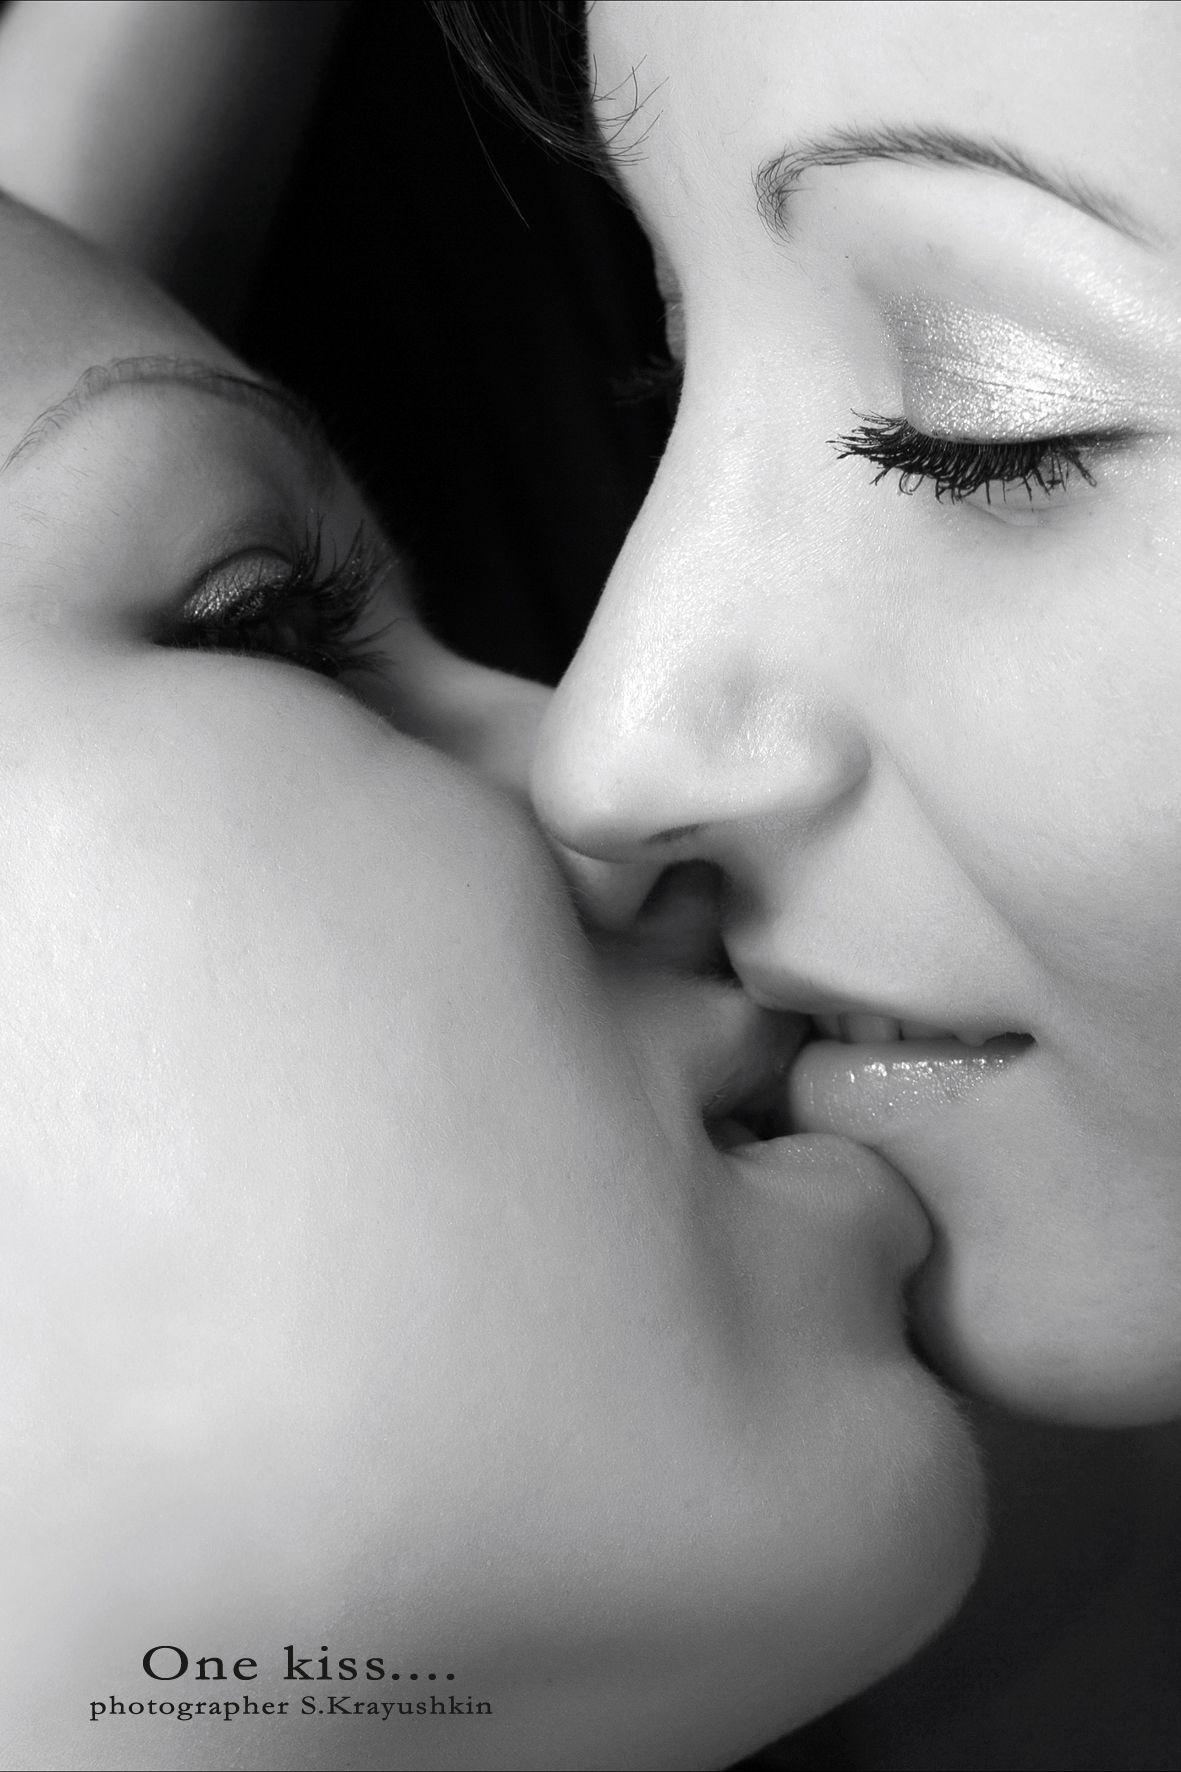 One kiss.... Фотограф Краюшкин Сергей Фотография НЮ Эротика